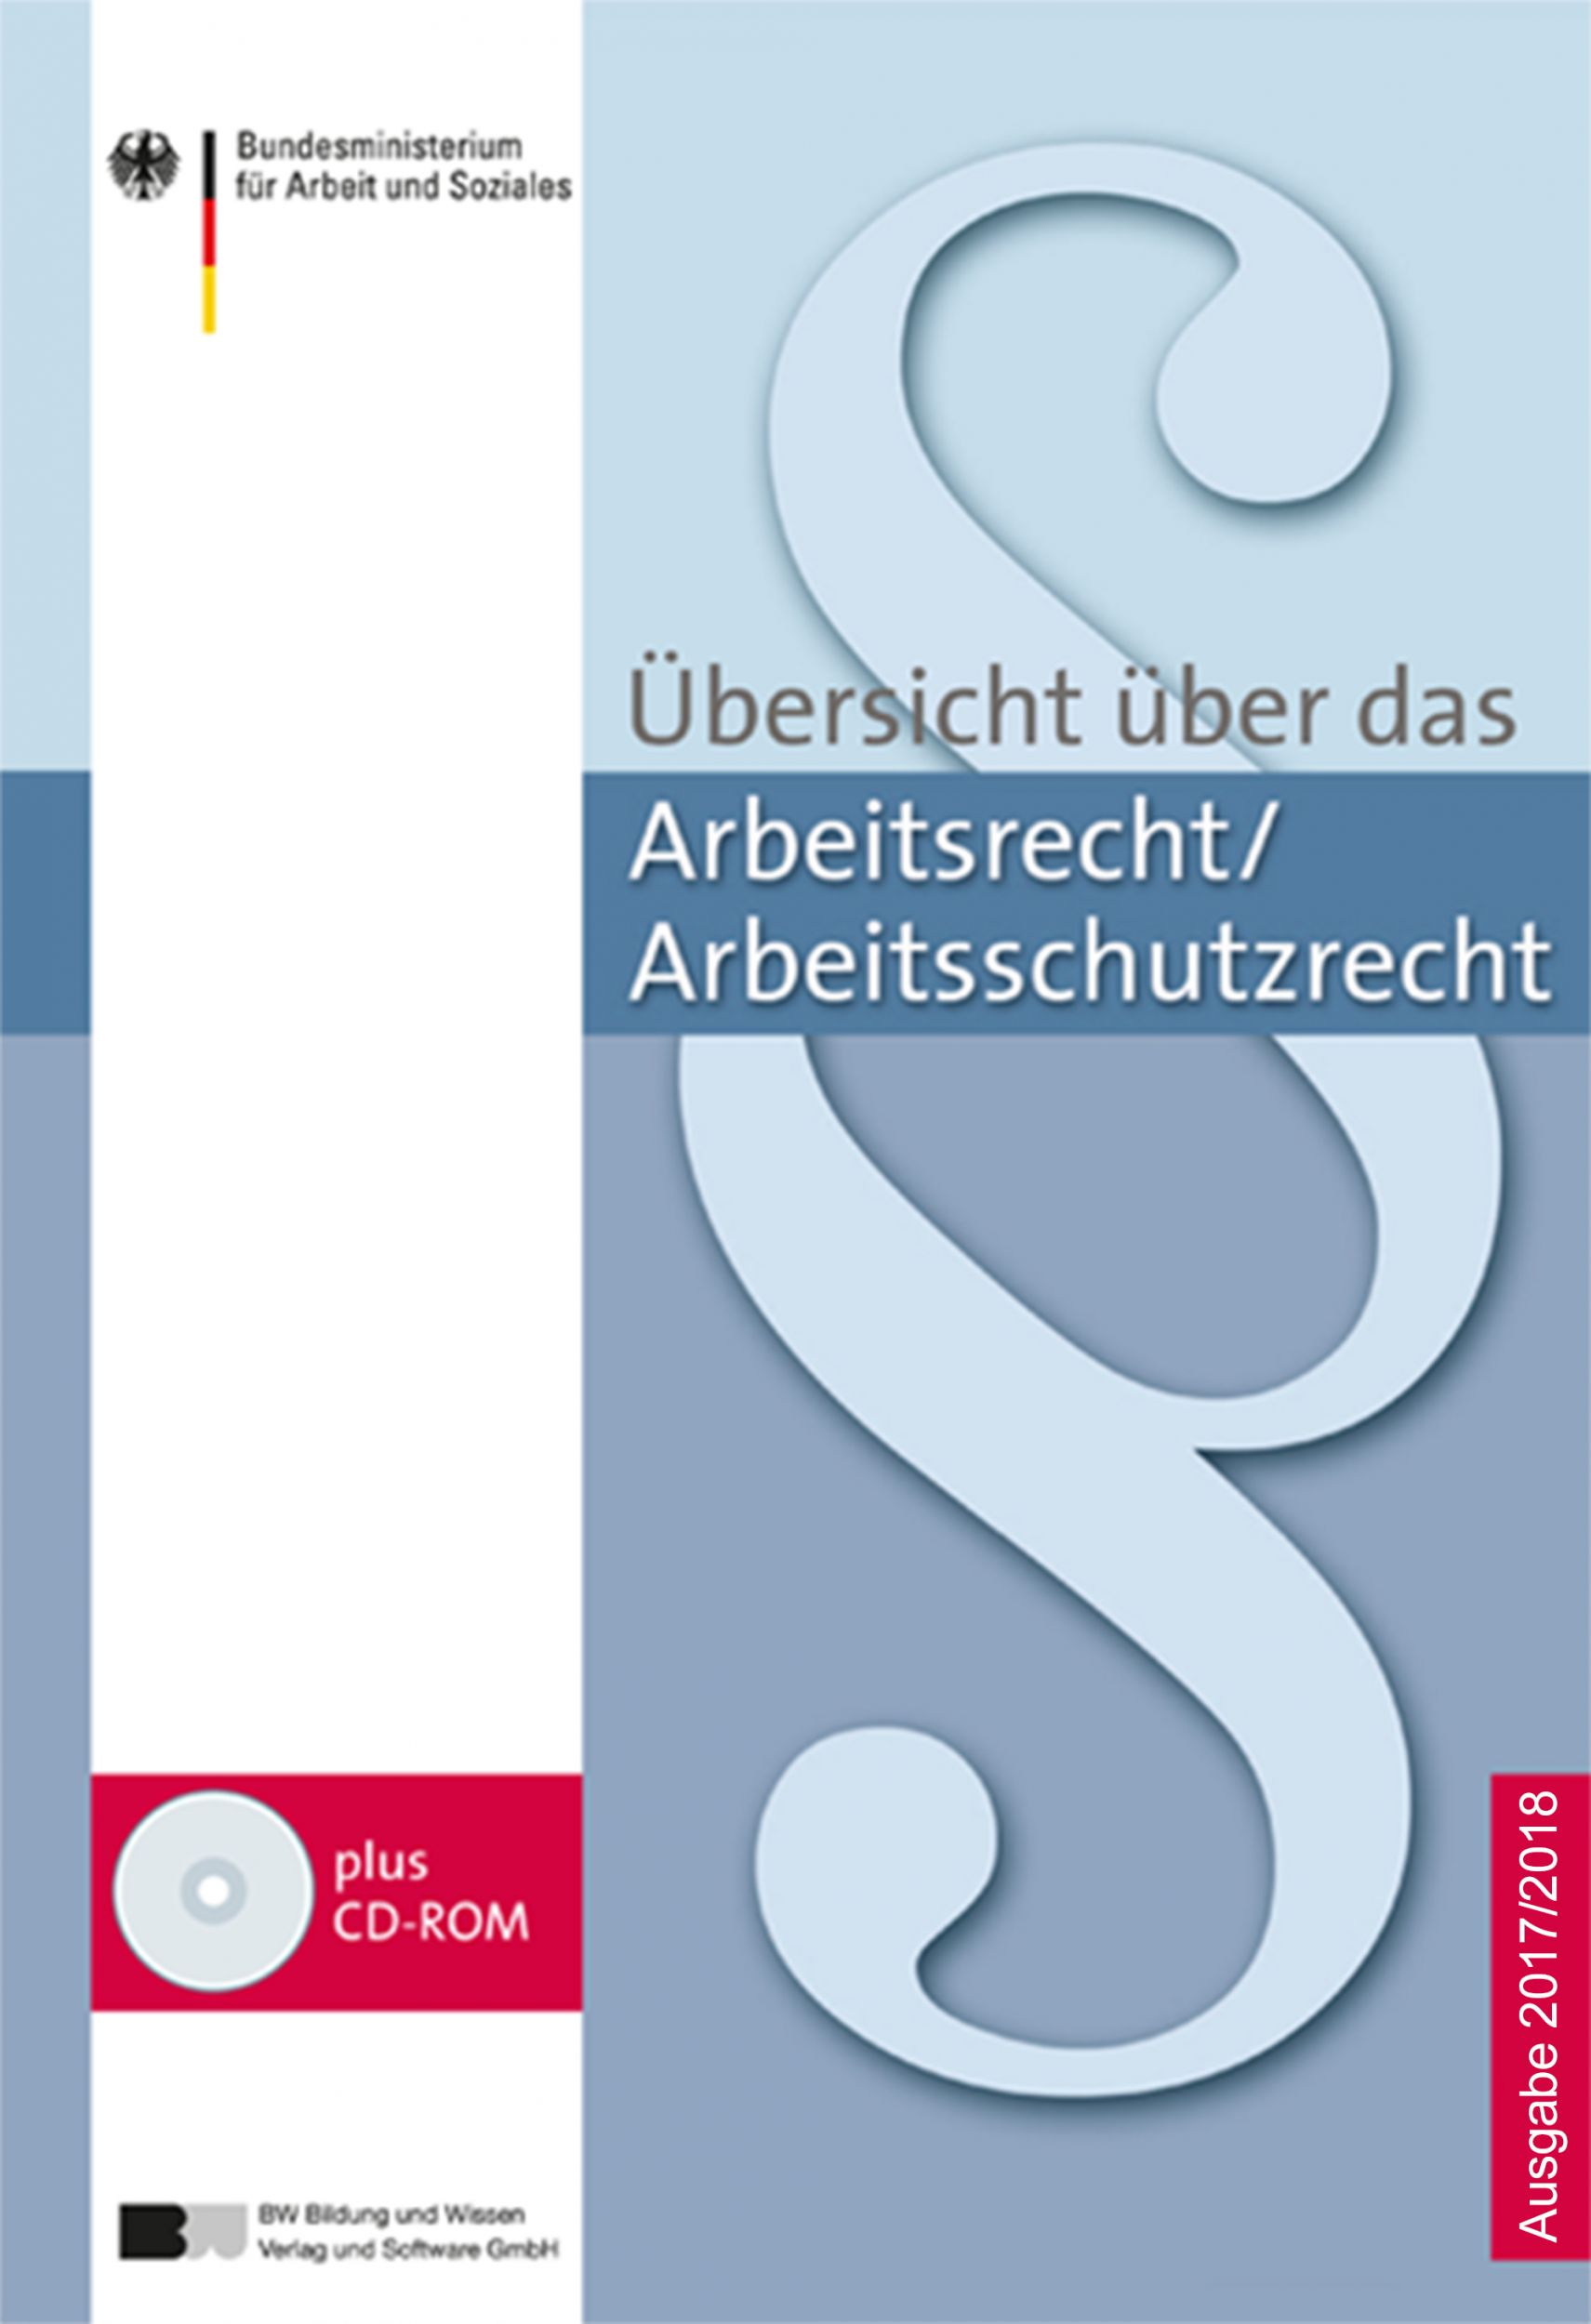 Übersicht über das Arbeitsrecht / Arbeitsschutzrecht – 2017/2018